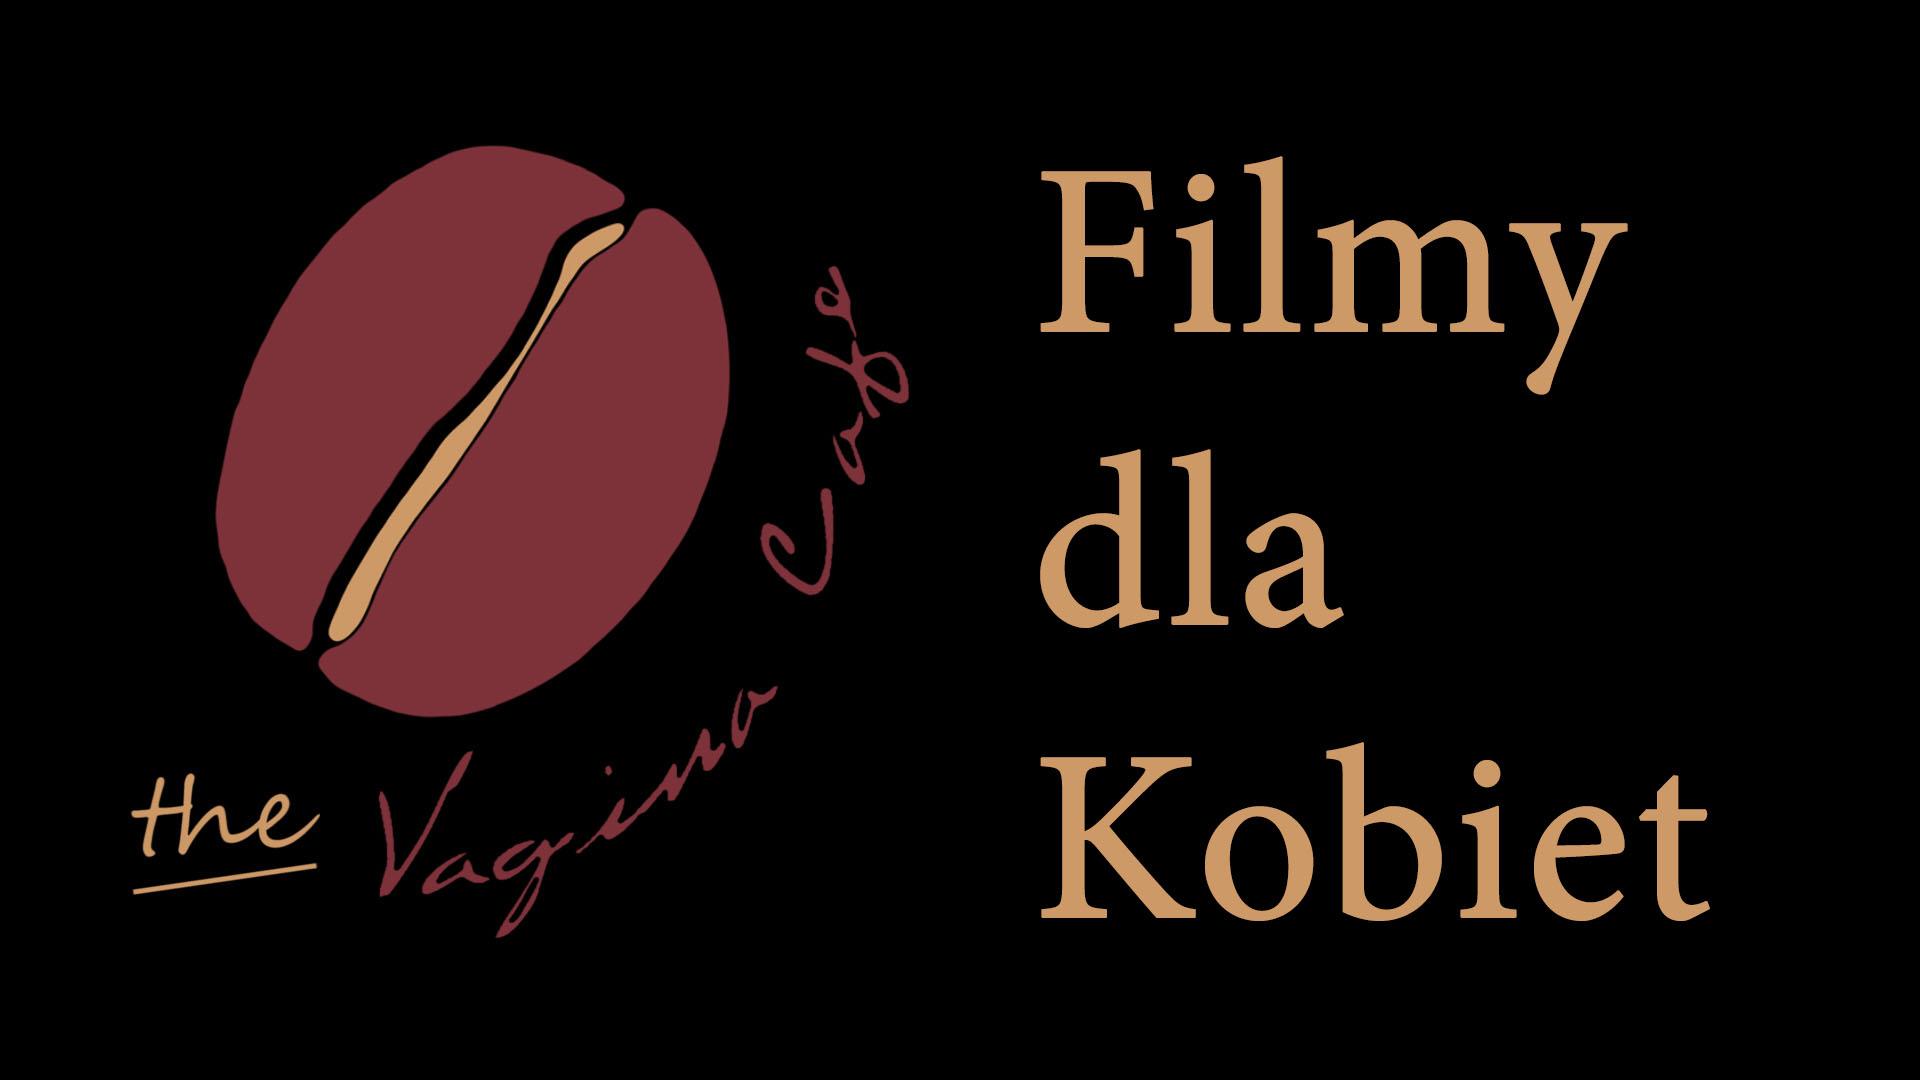 Filmy dla Kobiet poster